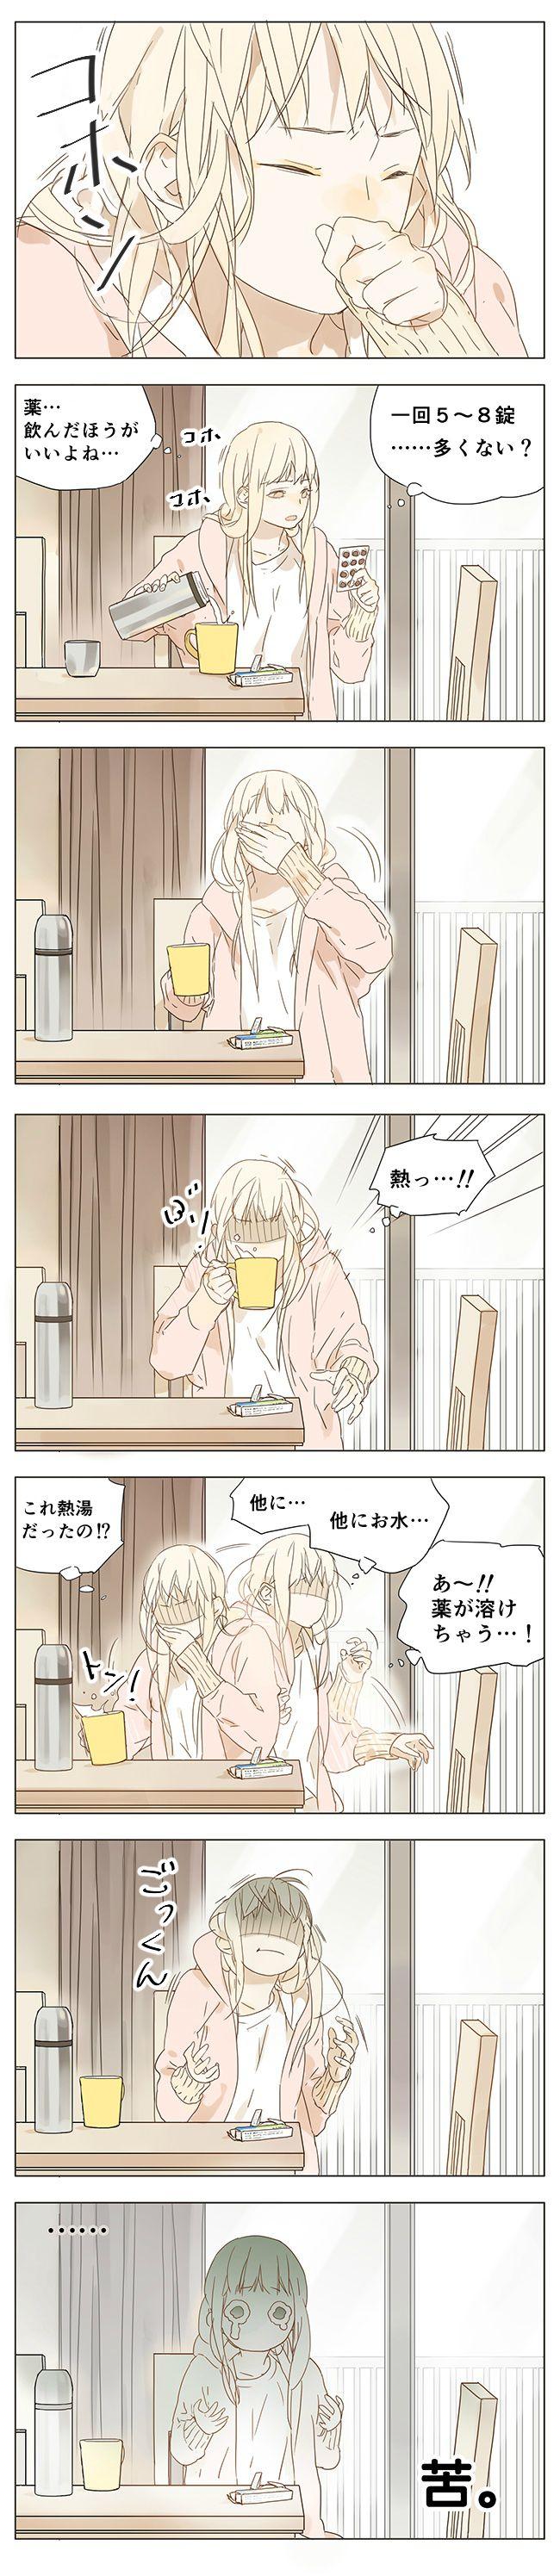 她们的故事/坛九/their story/tanjiu/彼女たちの物語/日本語に訳してみた/風邪